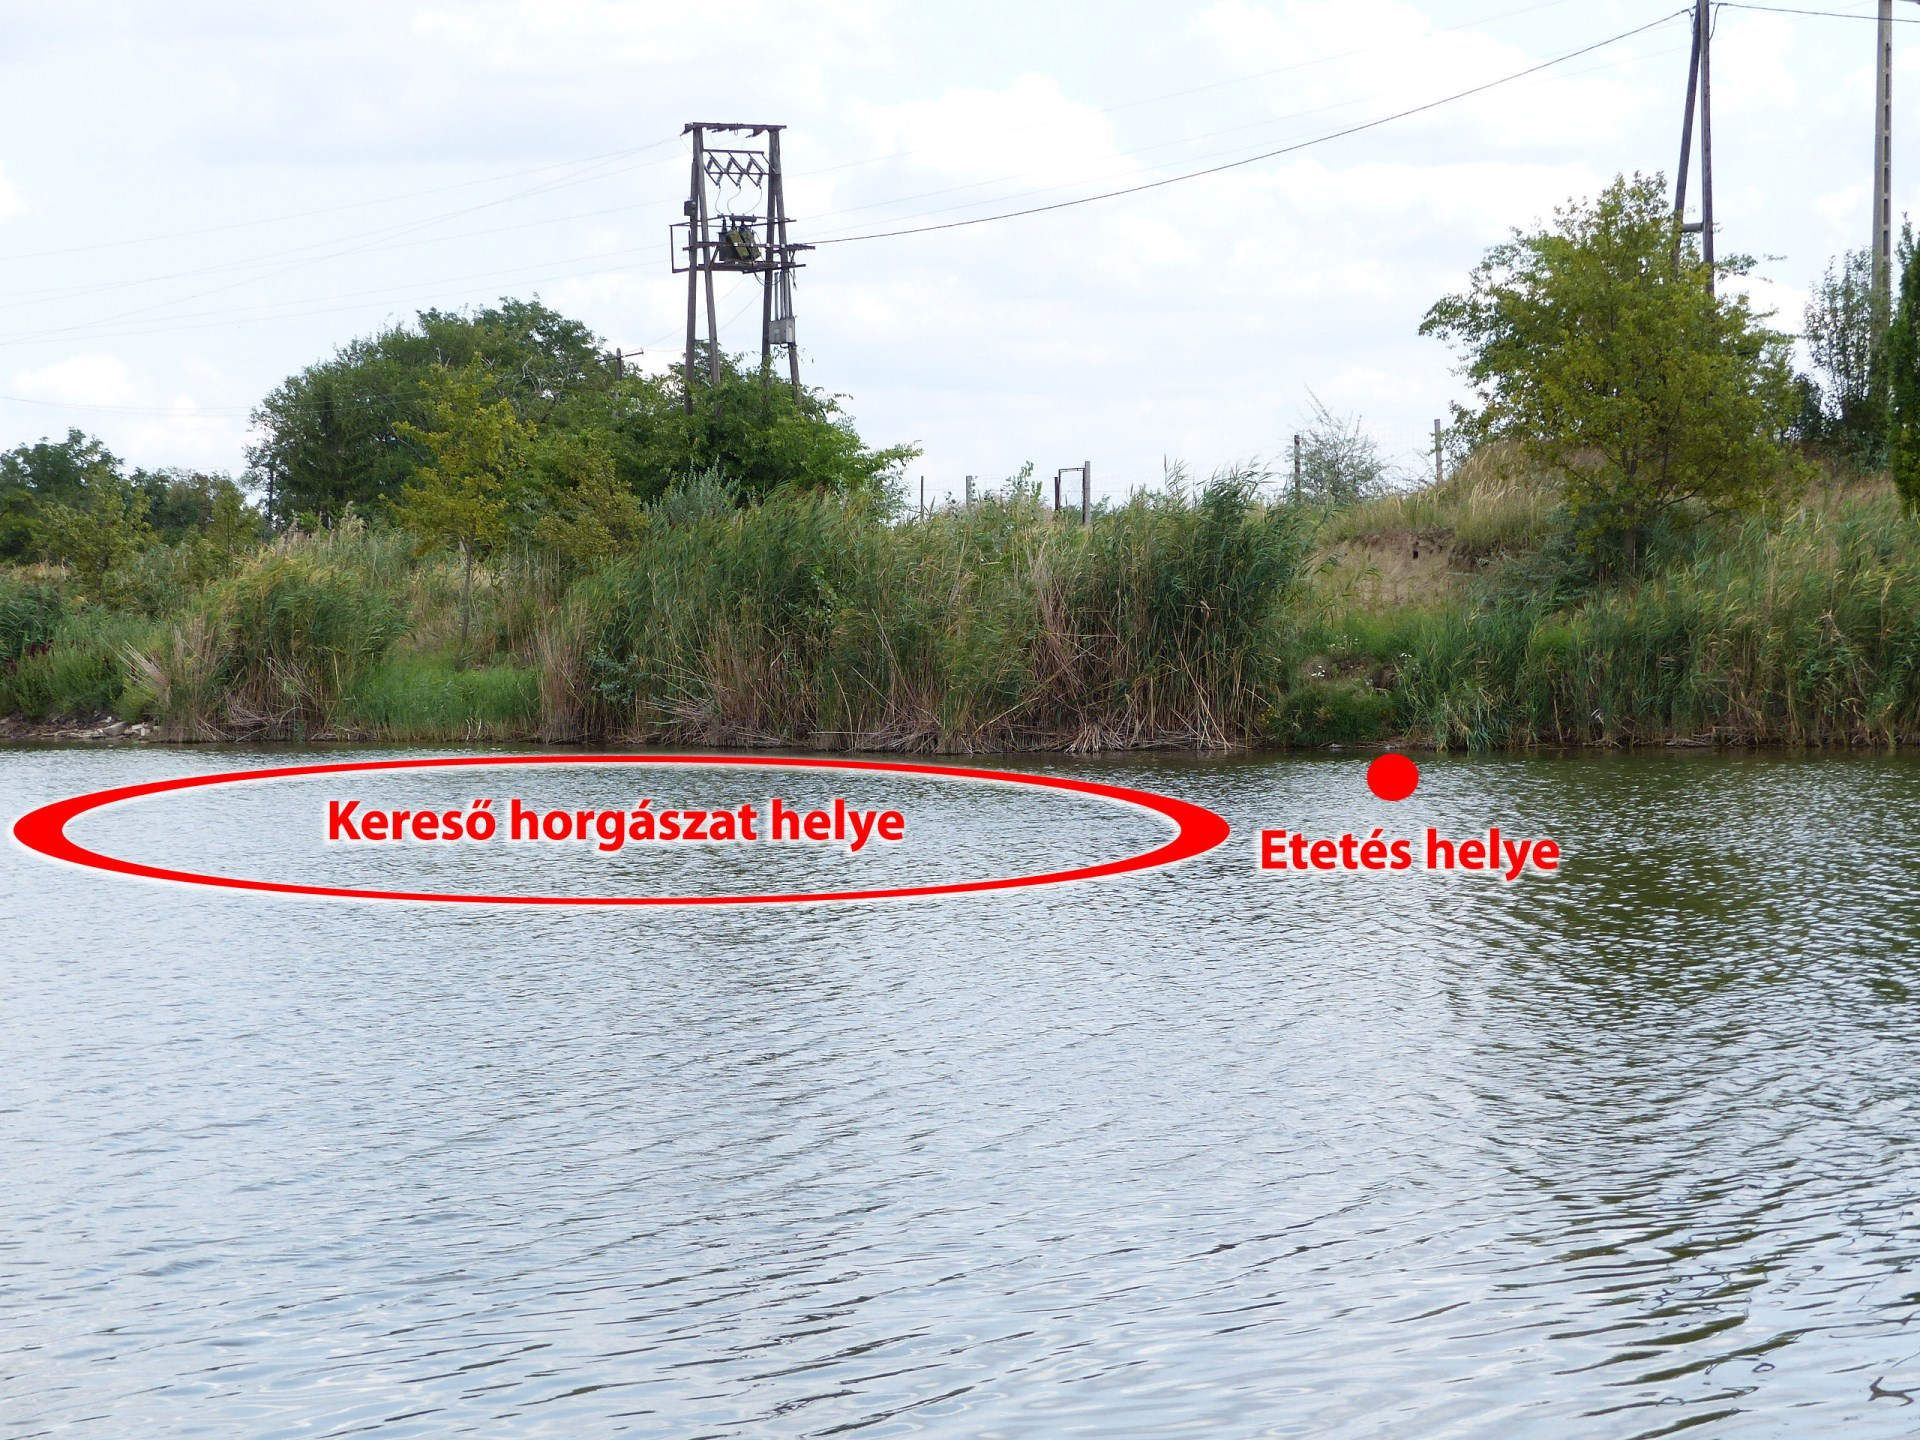 Egyik botommal pontosan az etetésen horgásztam, míg a másikkal kereső horgászatot végeztem, az etetéstől folyamatosan távolodva